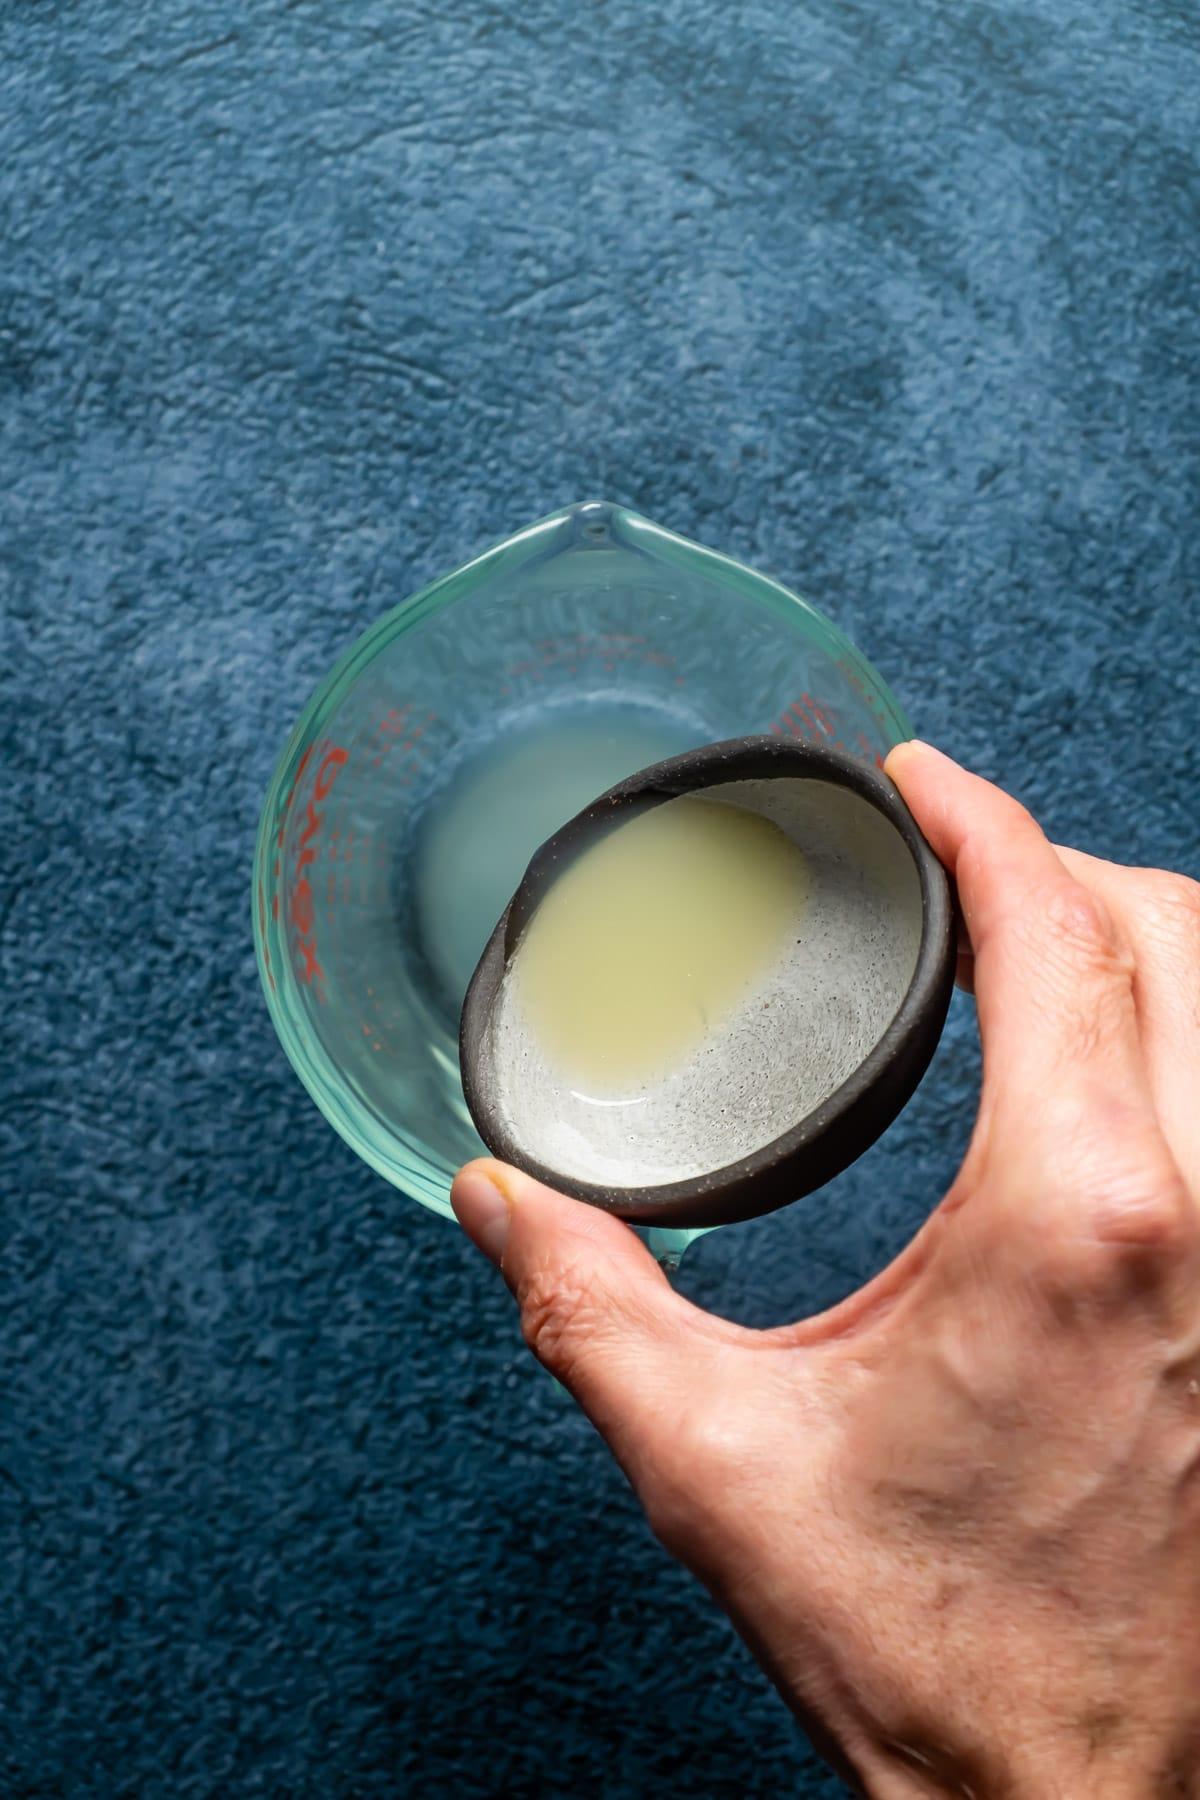 Pouring lemon juice into a glass jug.